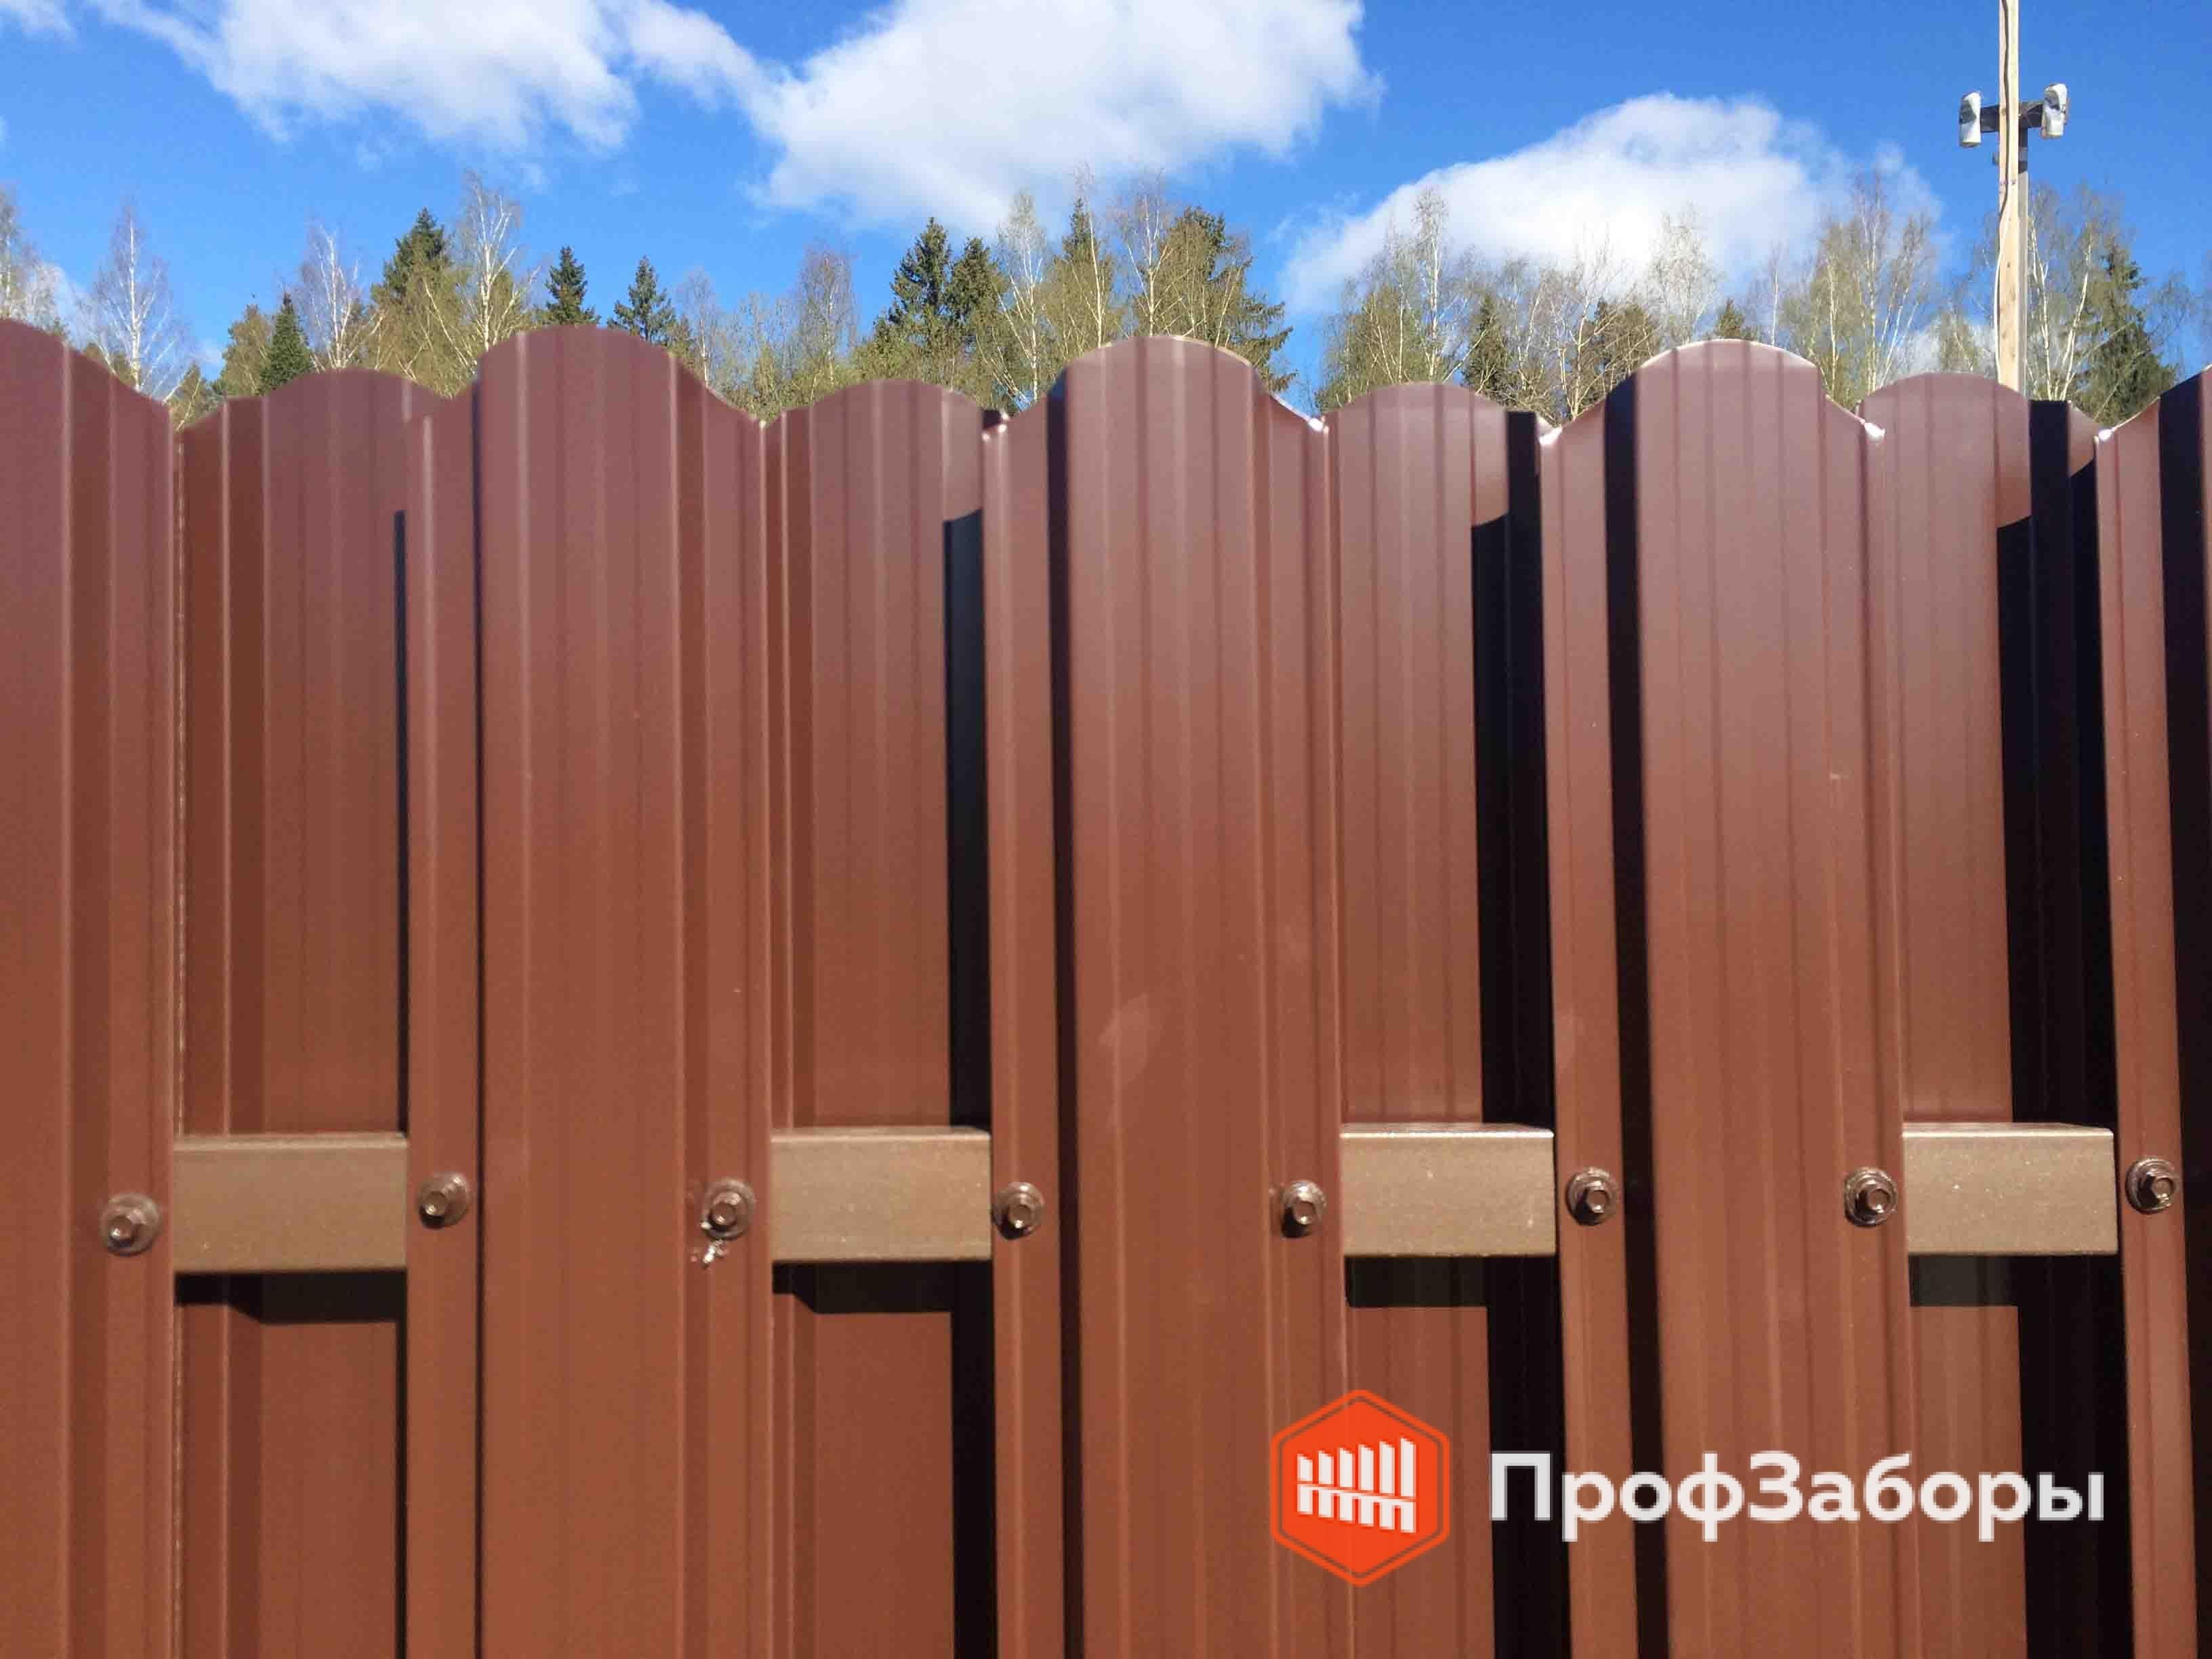 Заборы Из евроштакетника - СергиевоПосадский район. Фото 3